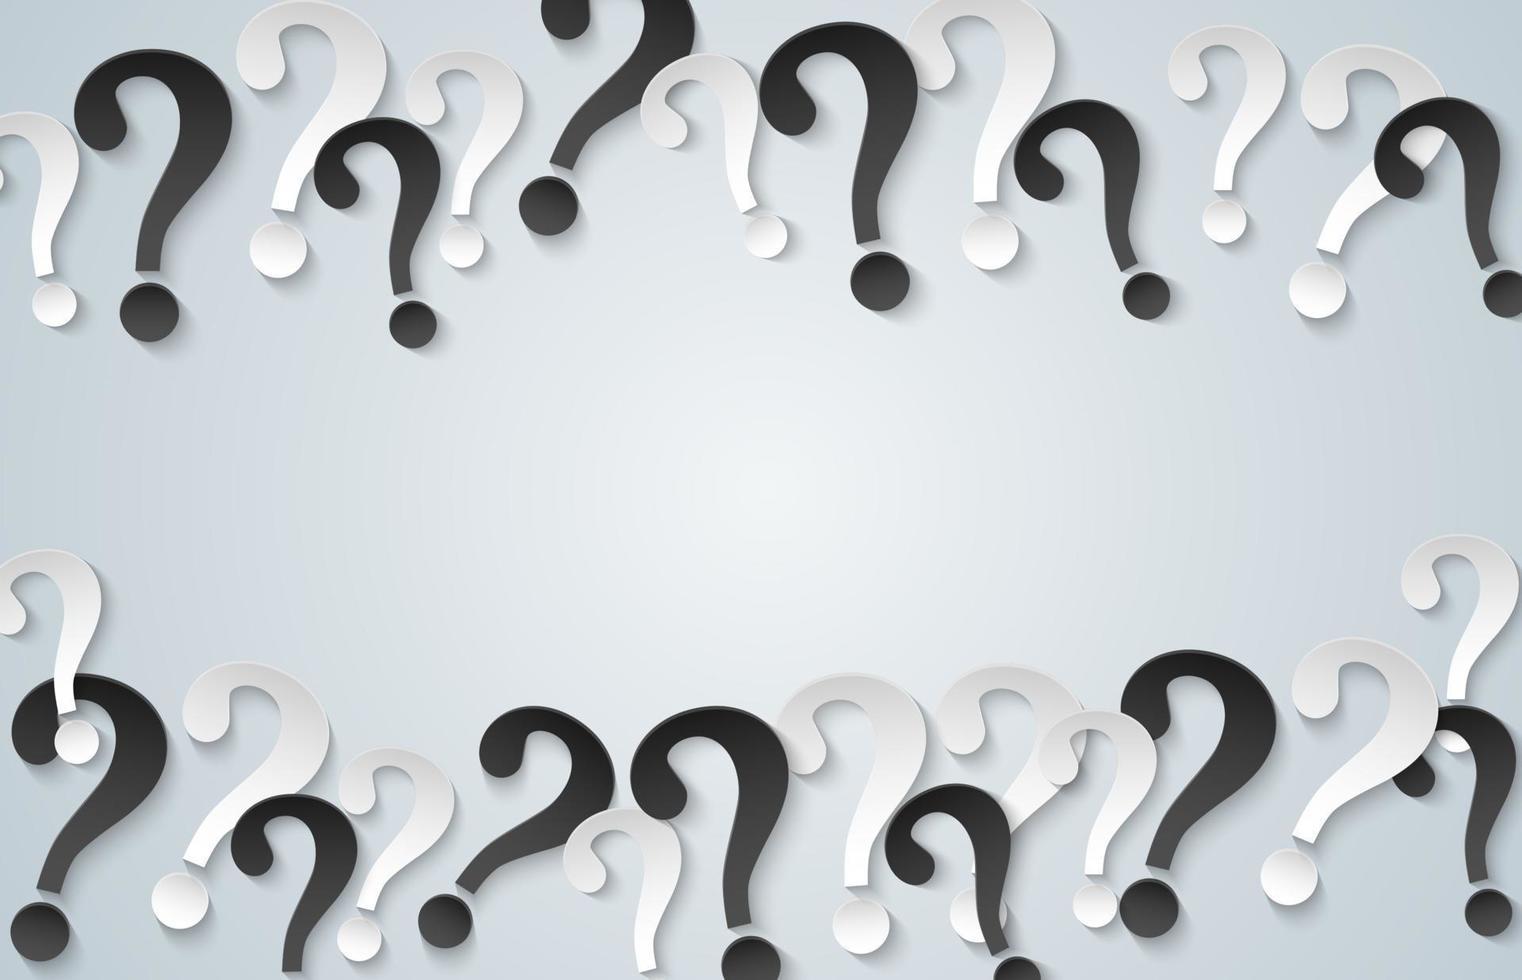 punto interrogativo su sfondo bianco. stile di arte della carta. vettore. vettore